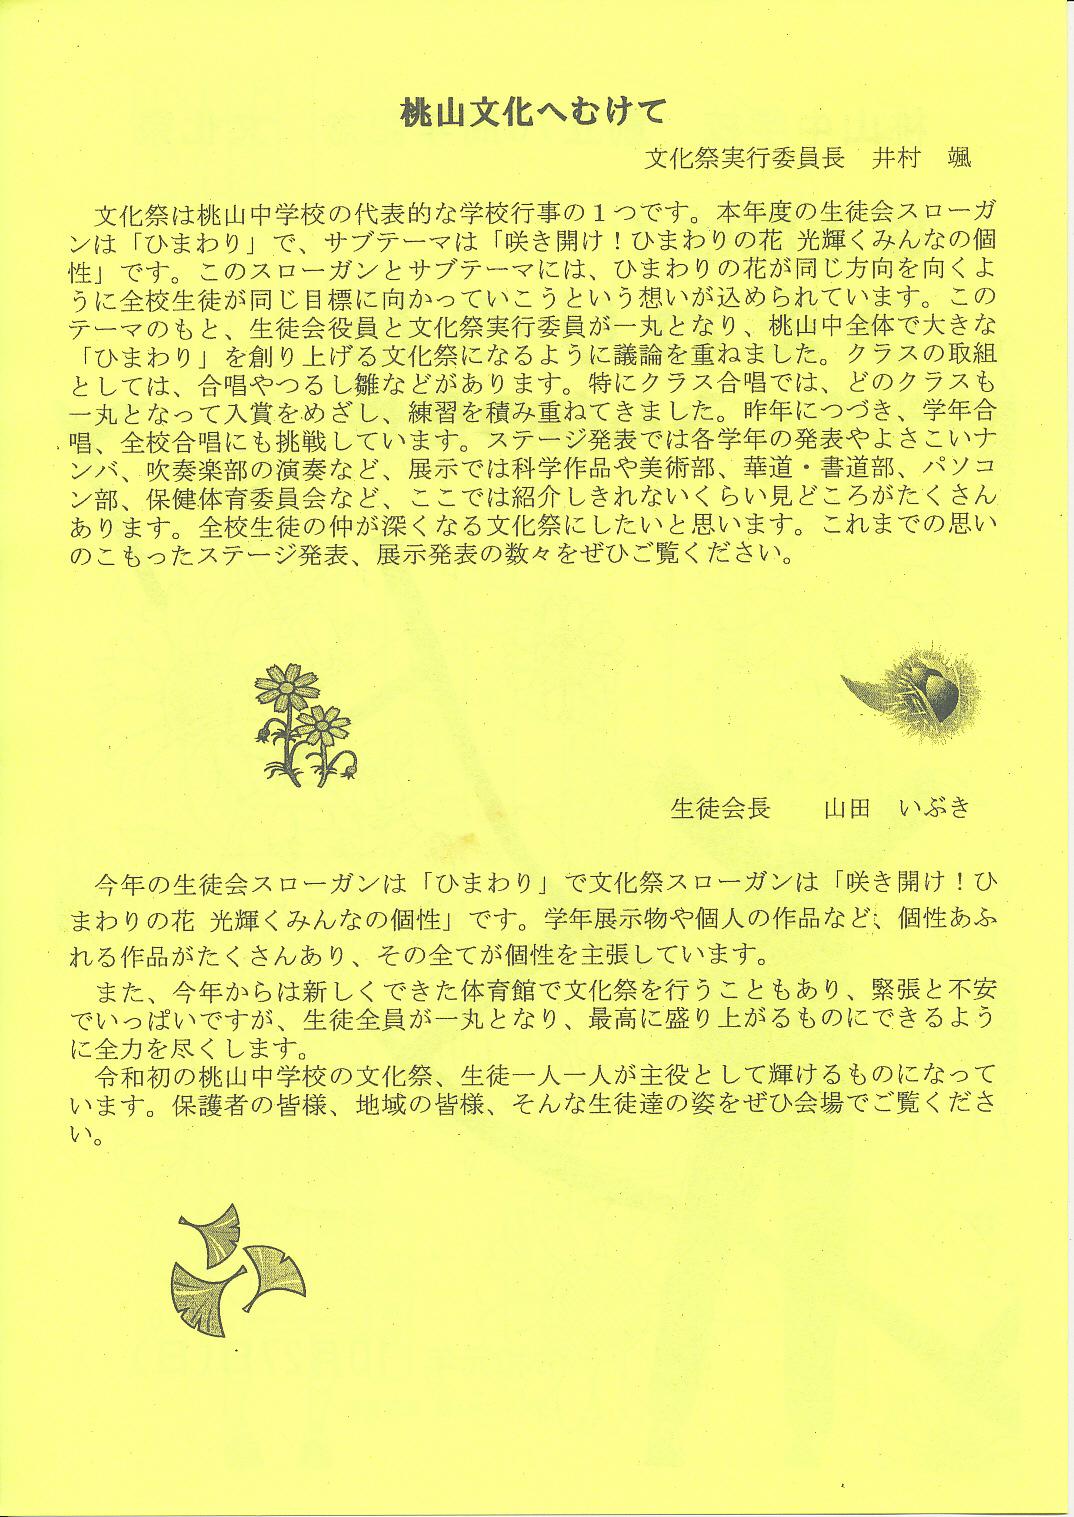 20191027 宇部市立桃山中学校 創立70周年記念 文化祭 2.jpg